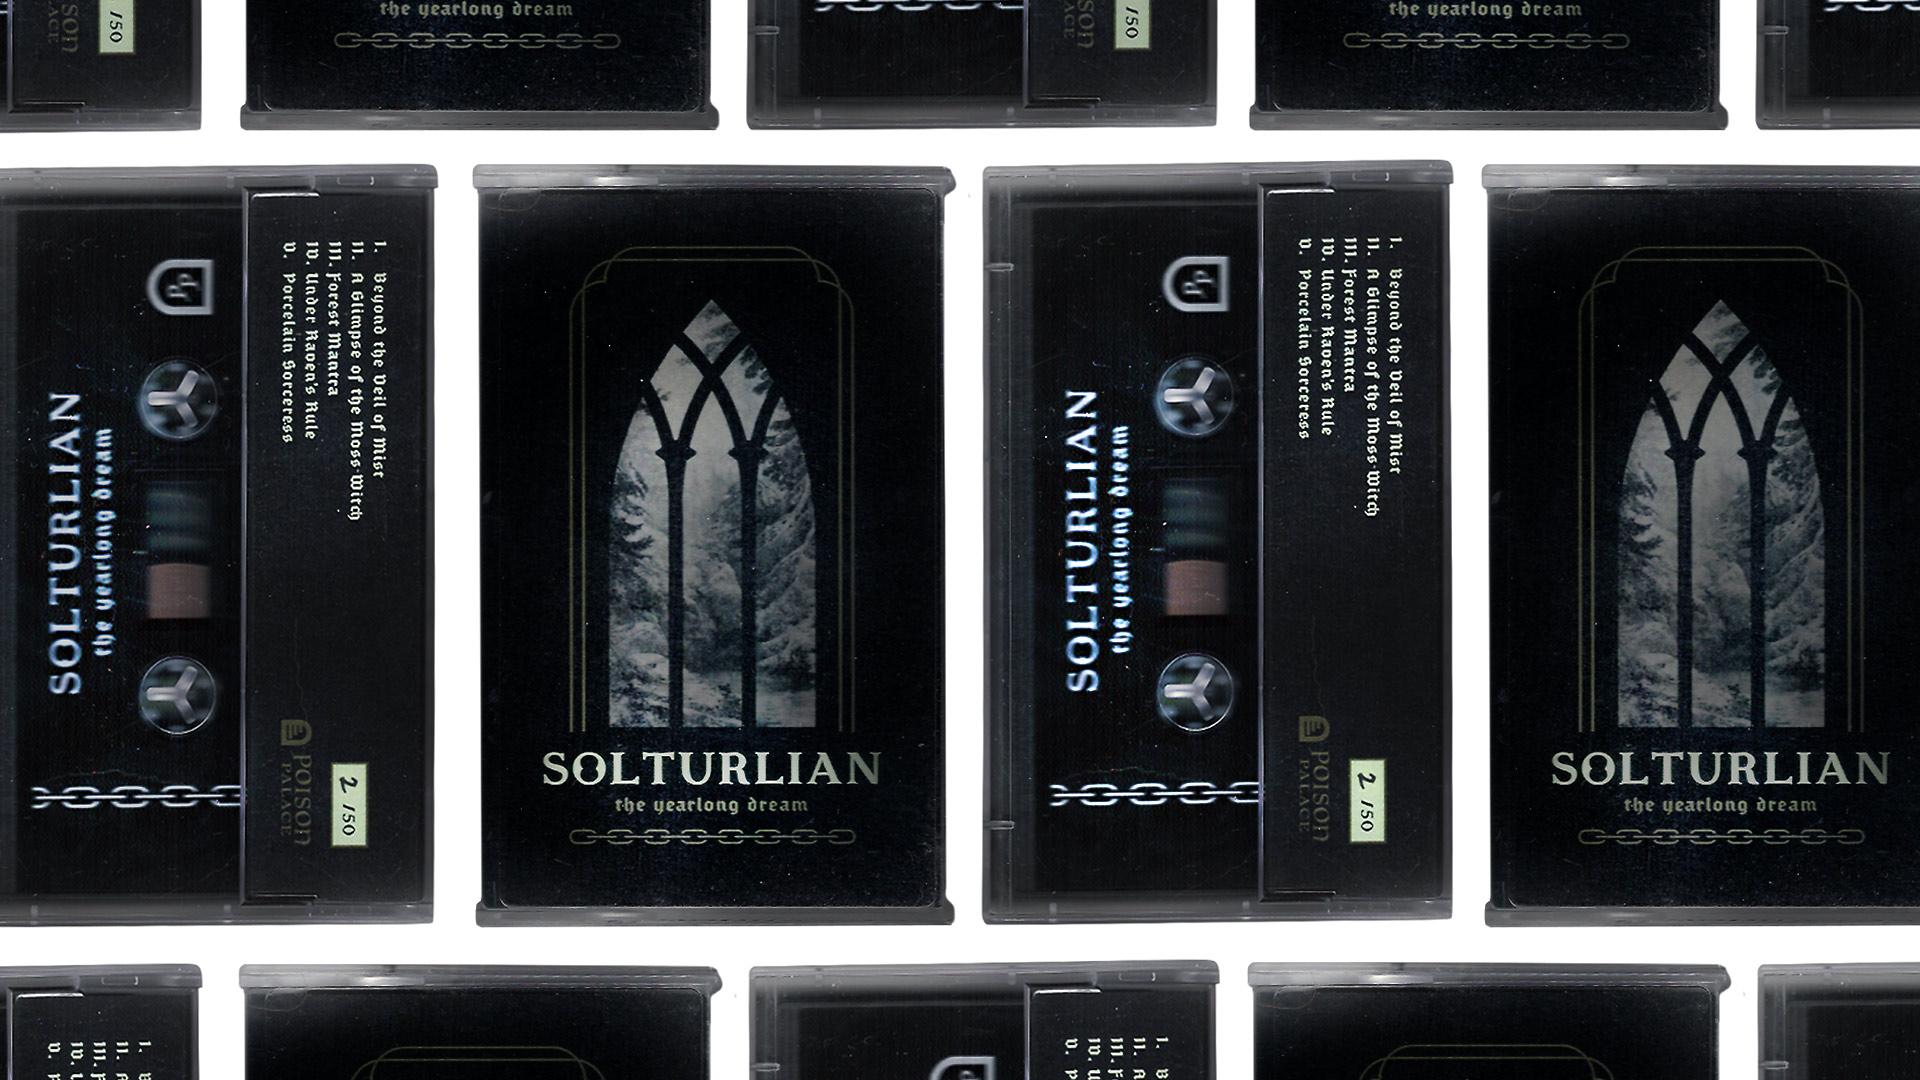 Solturlian_Cassette-Cases-4